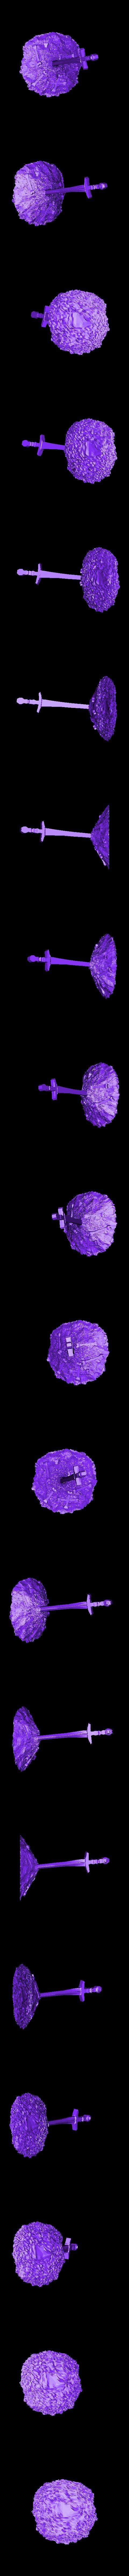 DSBonfire.STL Télécharger fichier STL gratuit Feu de joie des âmes noires • Design imprimable en 3D, LarryBerstilta